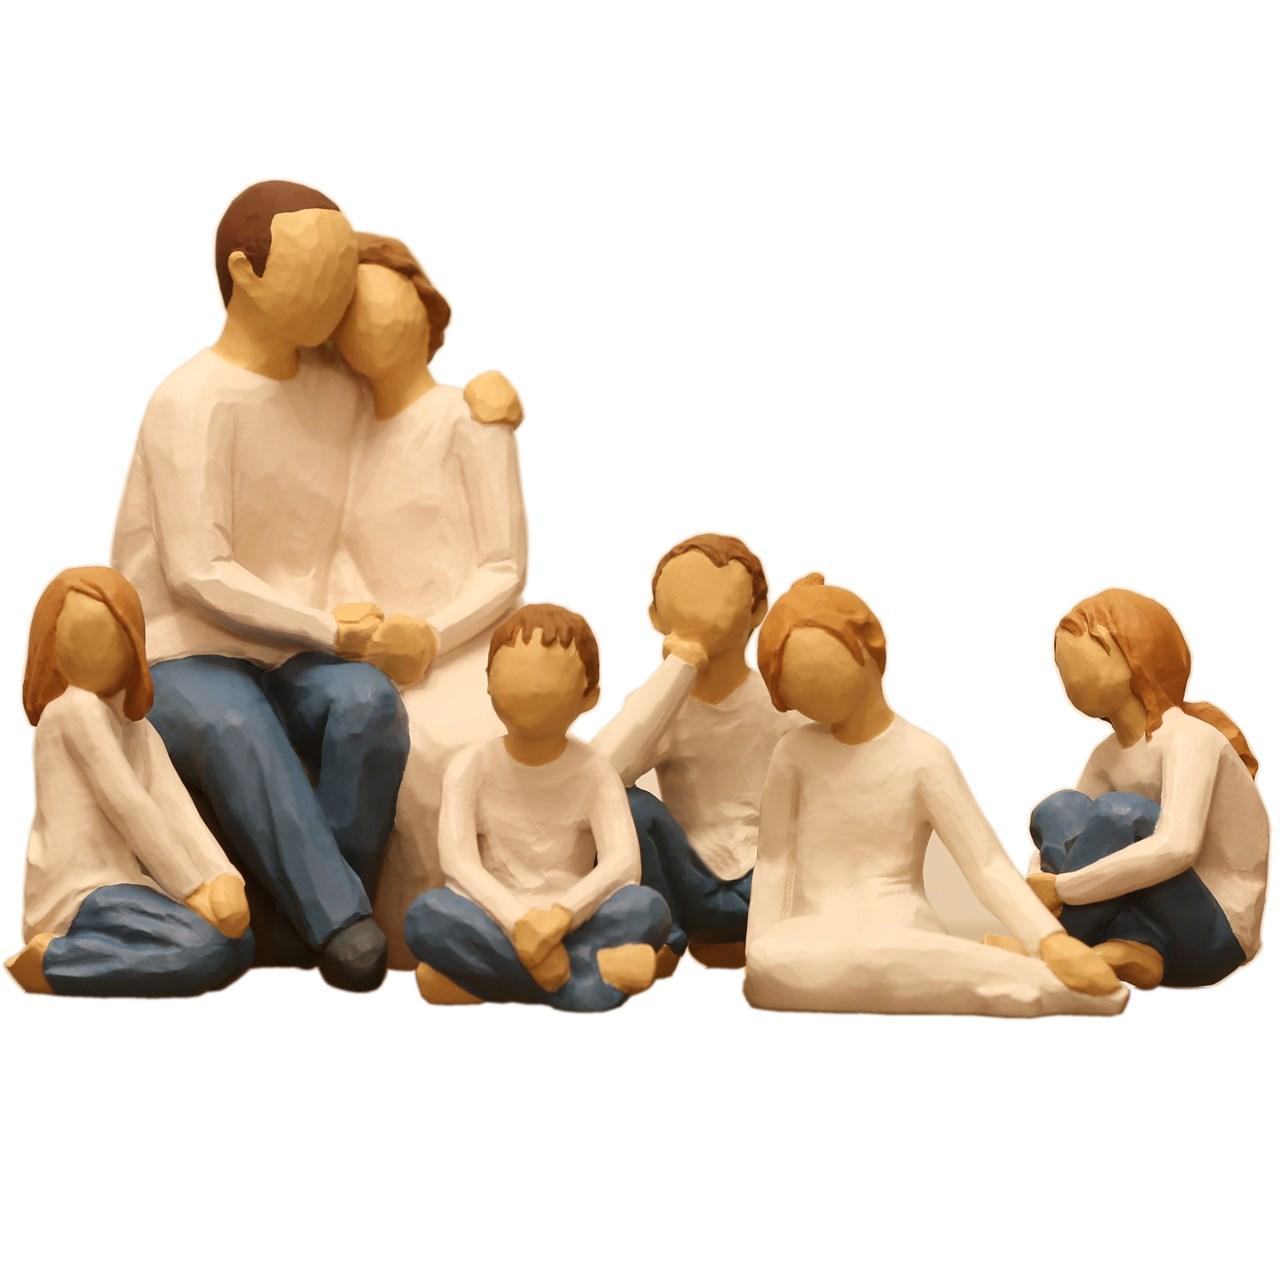 مجسمه امین کامپوزیت مدل گروه خانوادگی کد 500 بسته 6 عددی